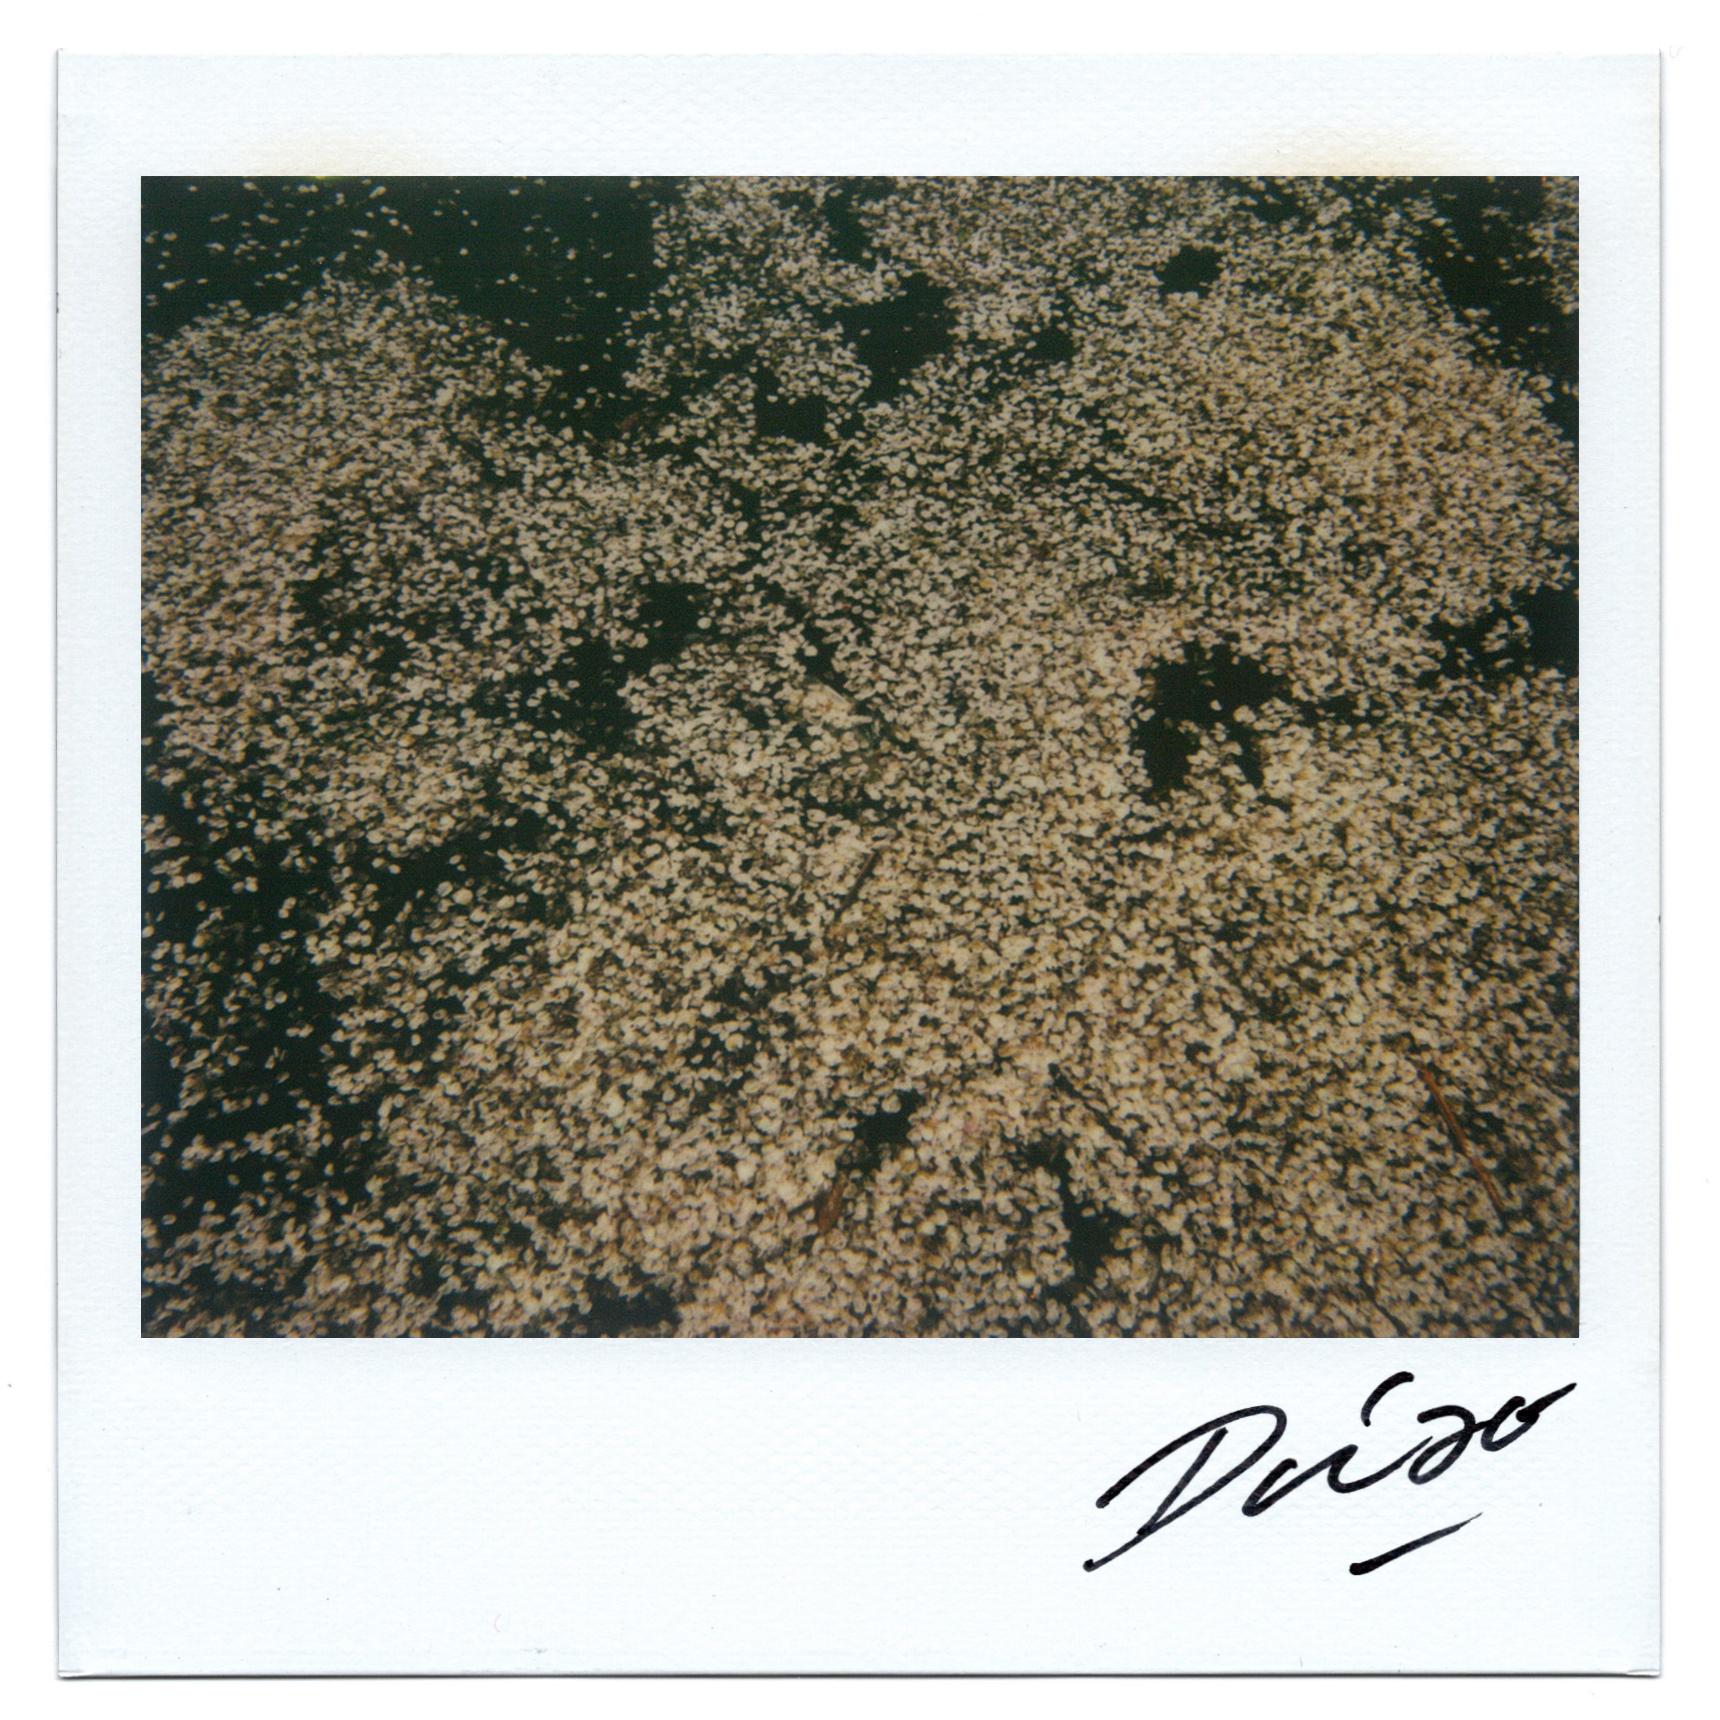 Moriyama Daido, bye-bye polaroid, 2008, Polaroid, 10 x 10 cm10